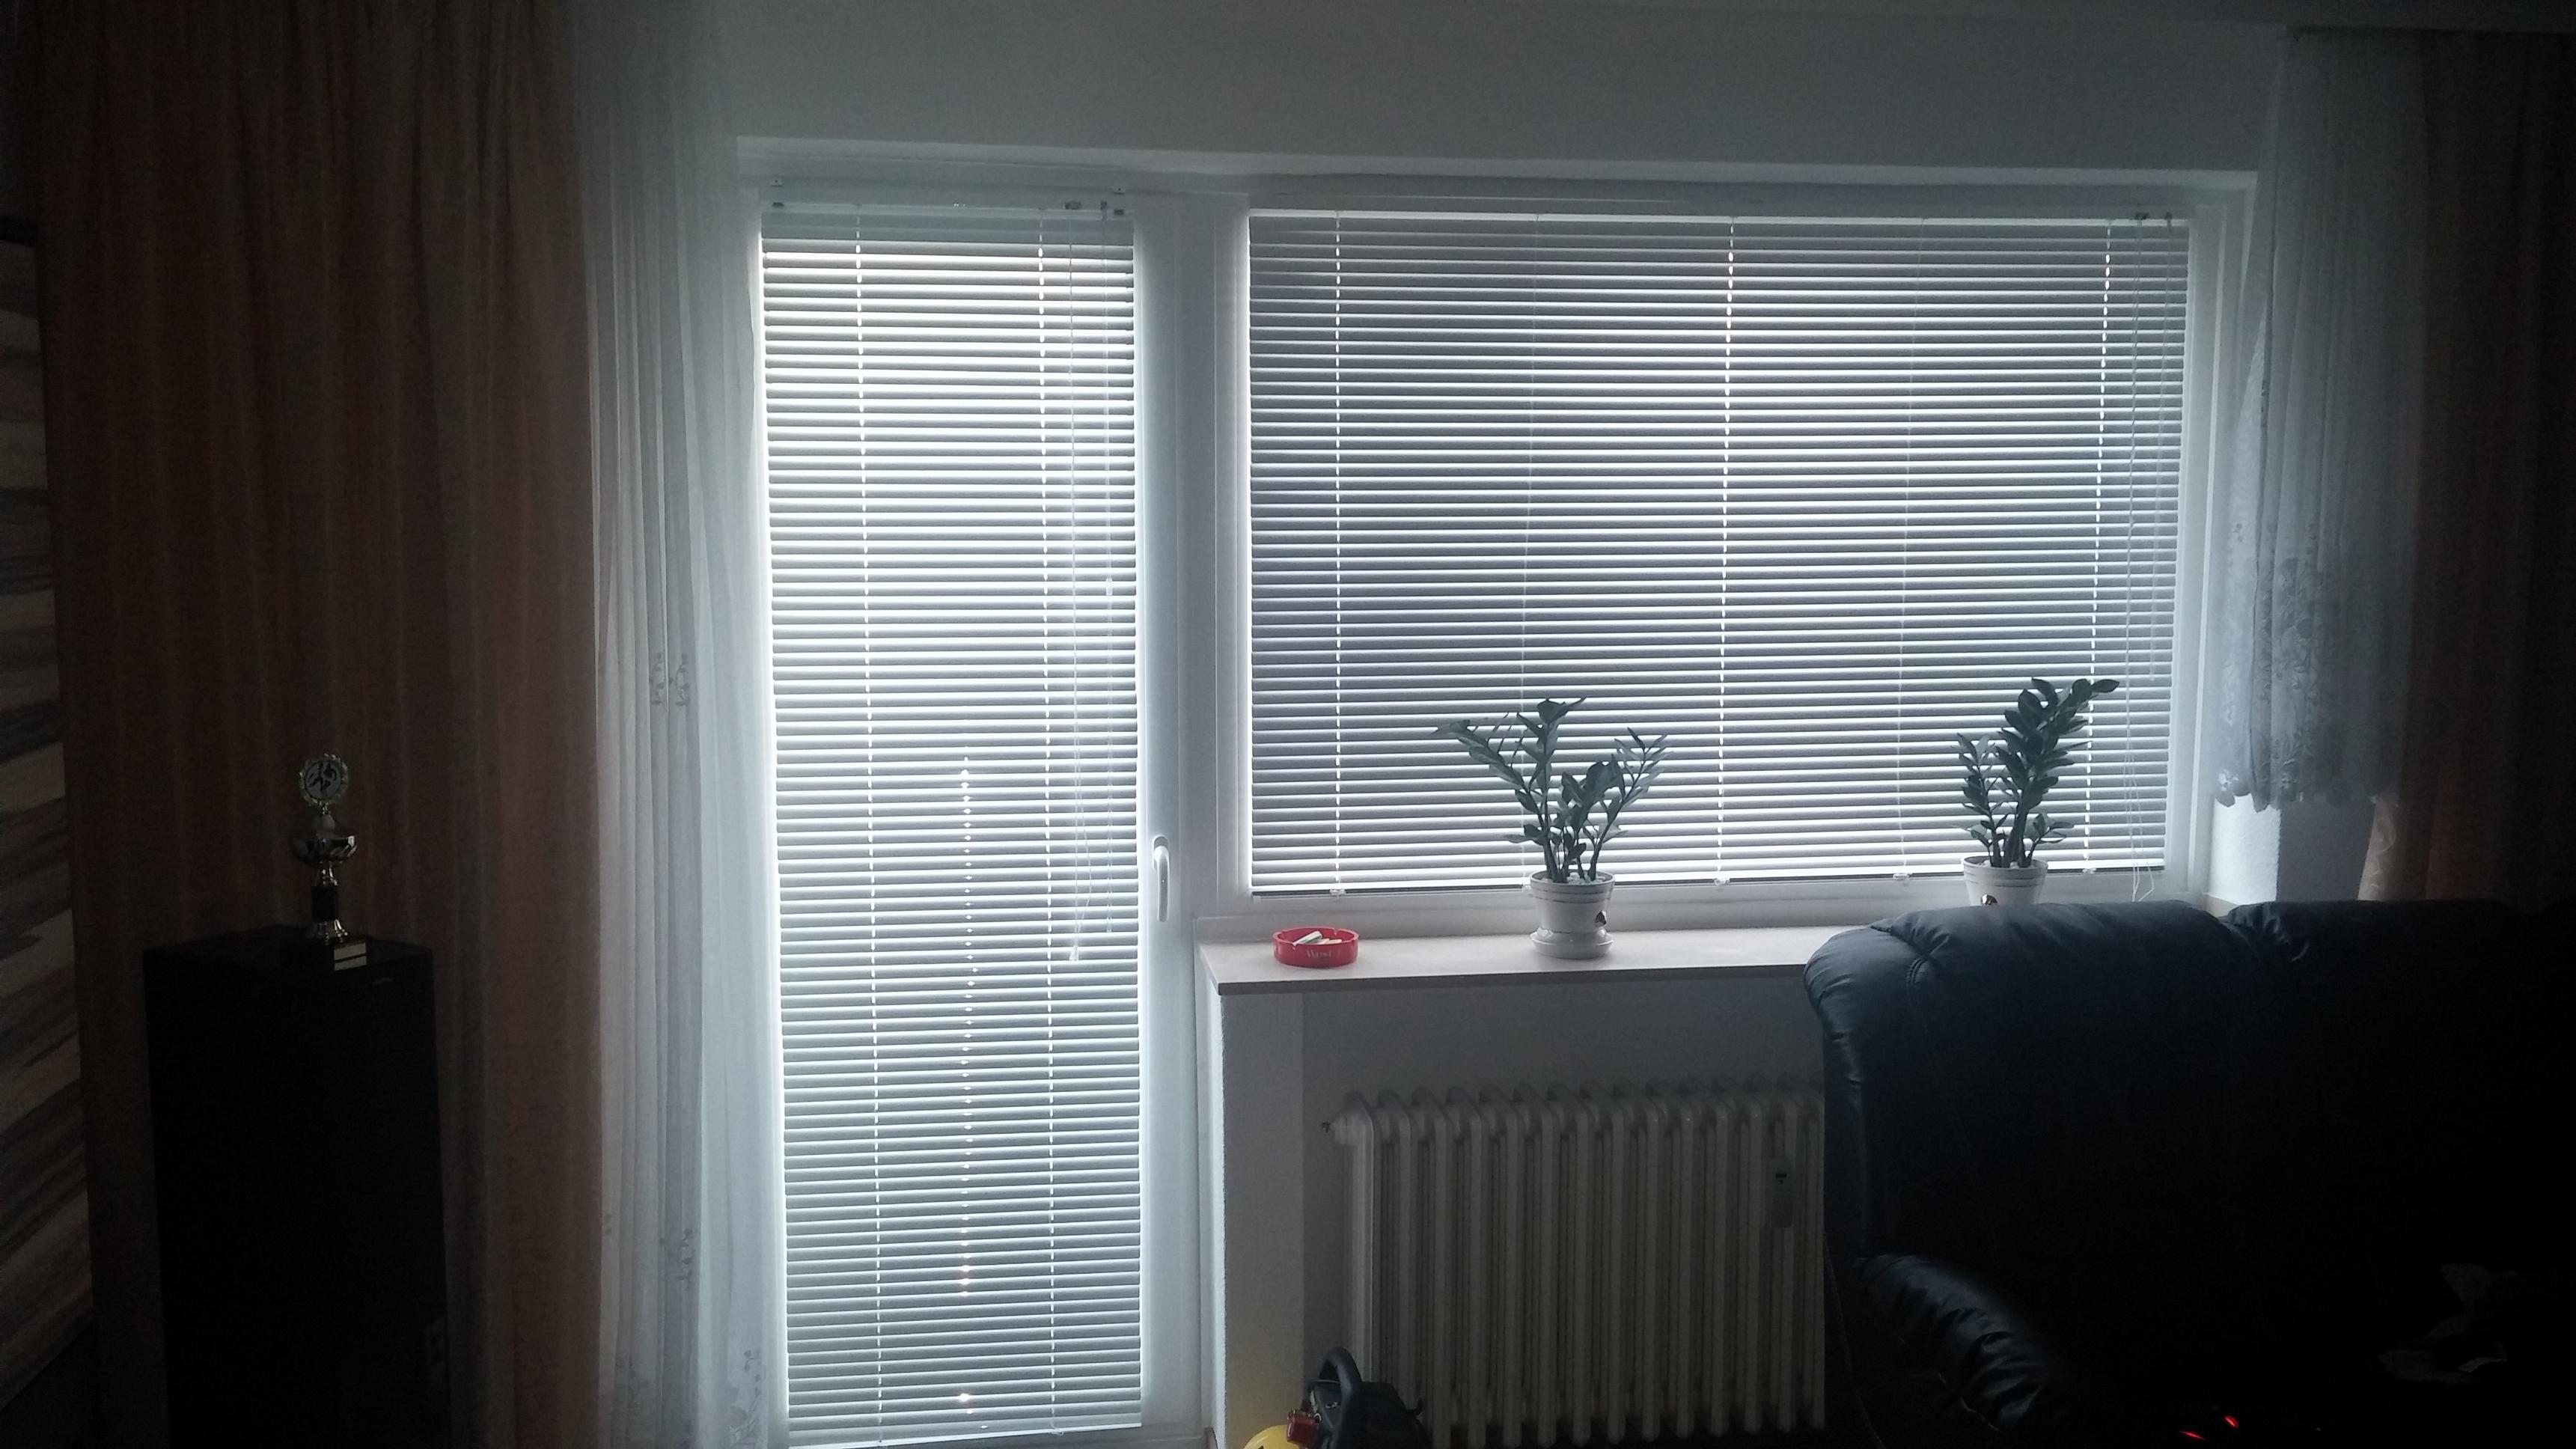 fenster verdunkeln stunning rollos mit einer sind besonders praktisch und komfortabel foto with. Black Bedroom Furniture Sets. Home Design Ideas